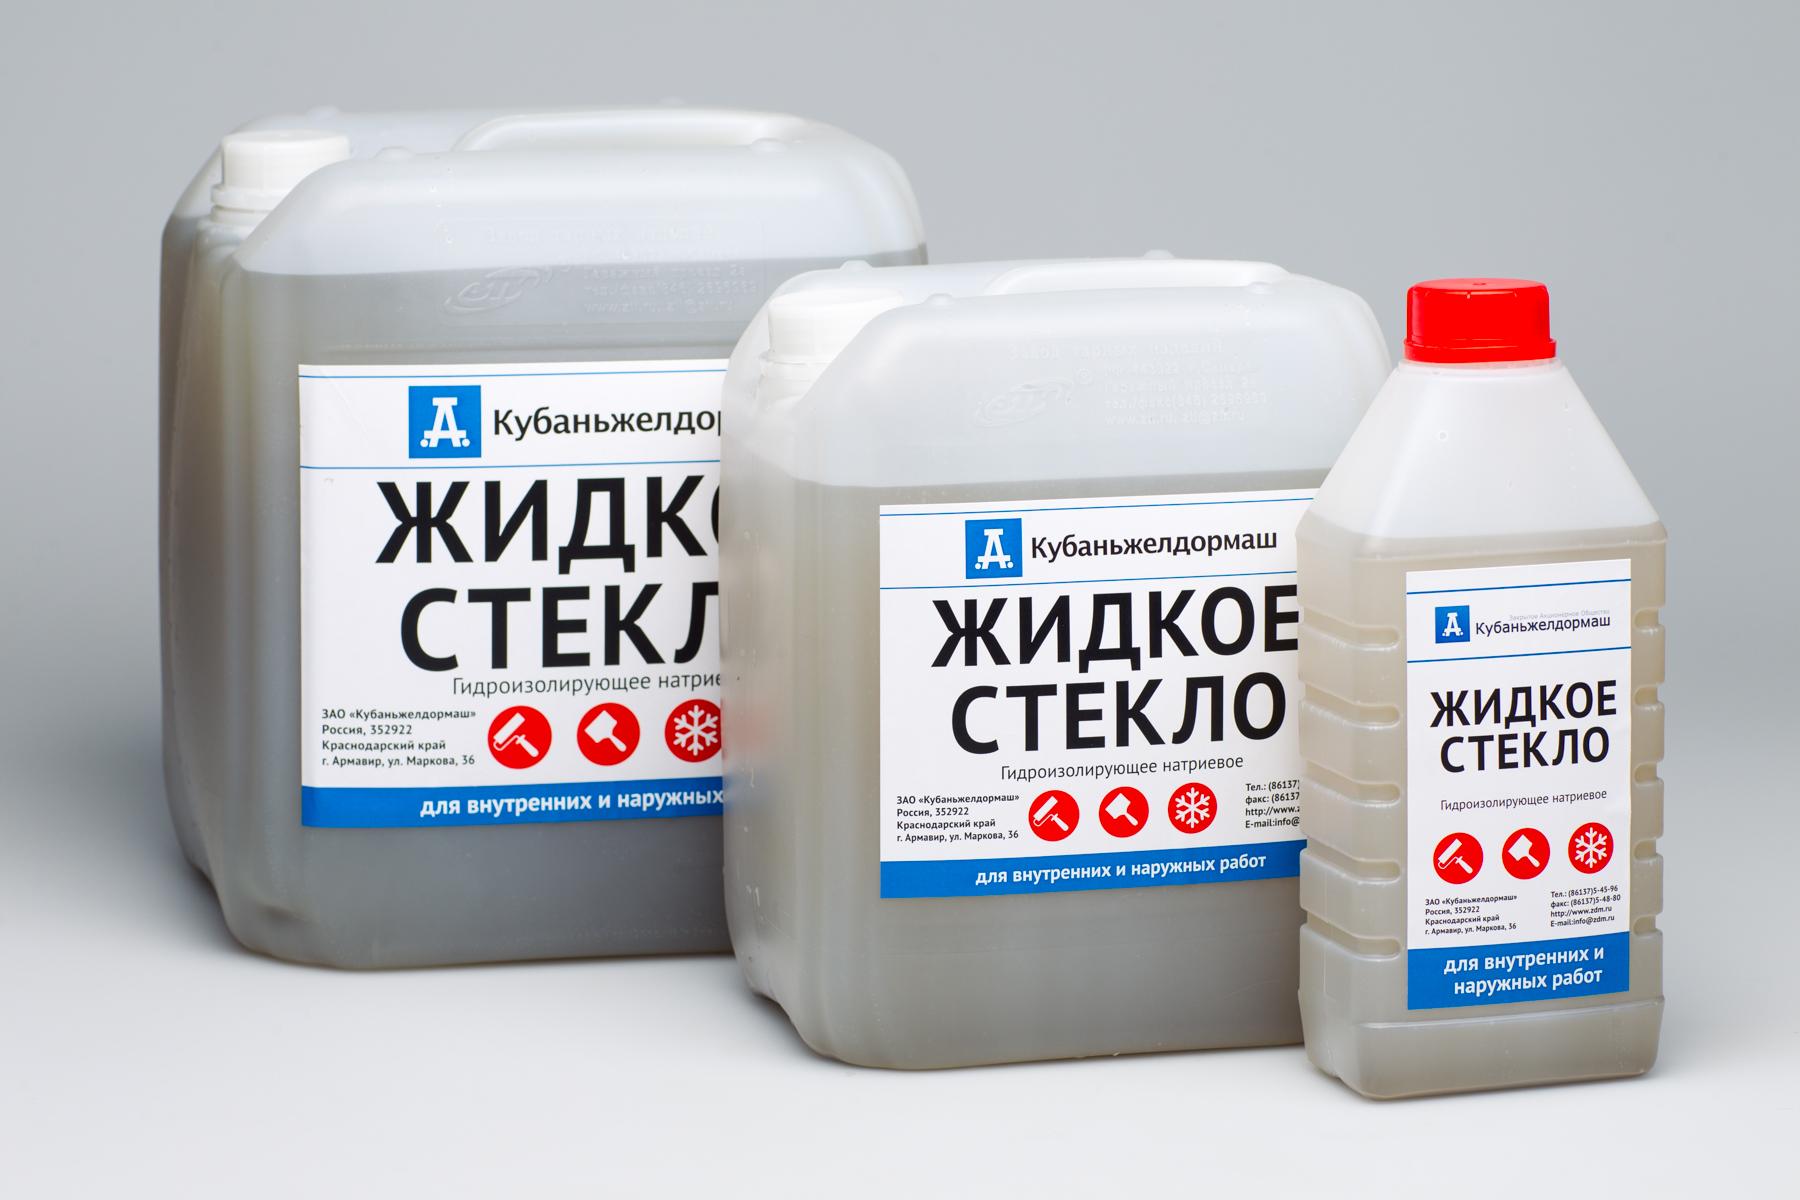 Жидкое стекло – достаточно распространенный состав для снятия лакокрасочного покрытия, не требующий приобретения специальных жидкостей и спреев